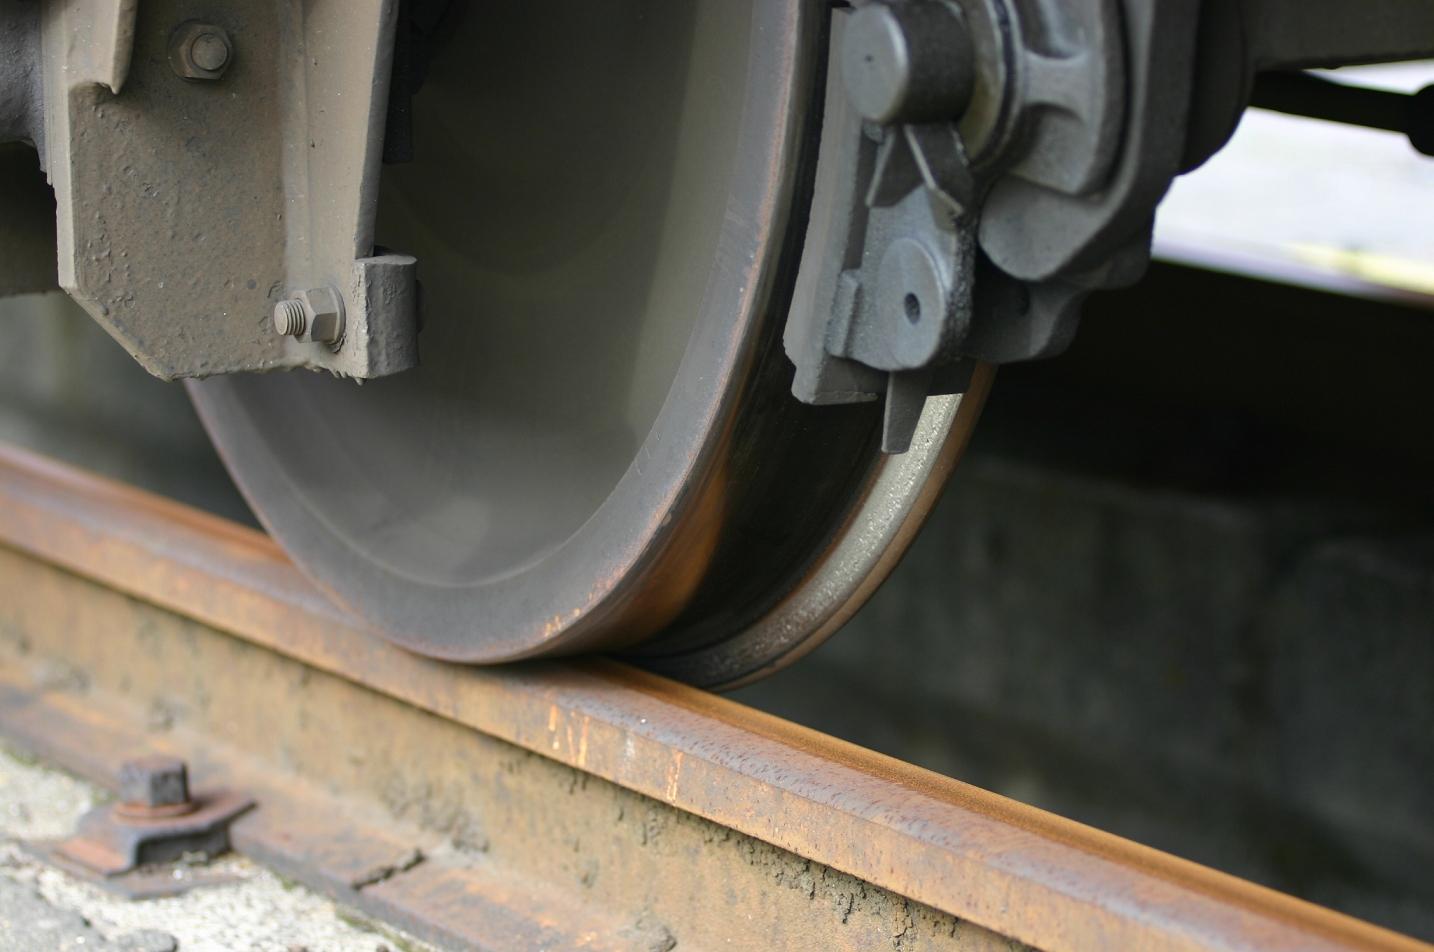 電車の線路と車輪のアップ